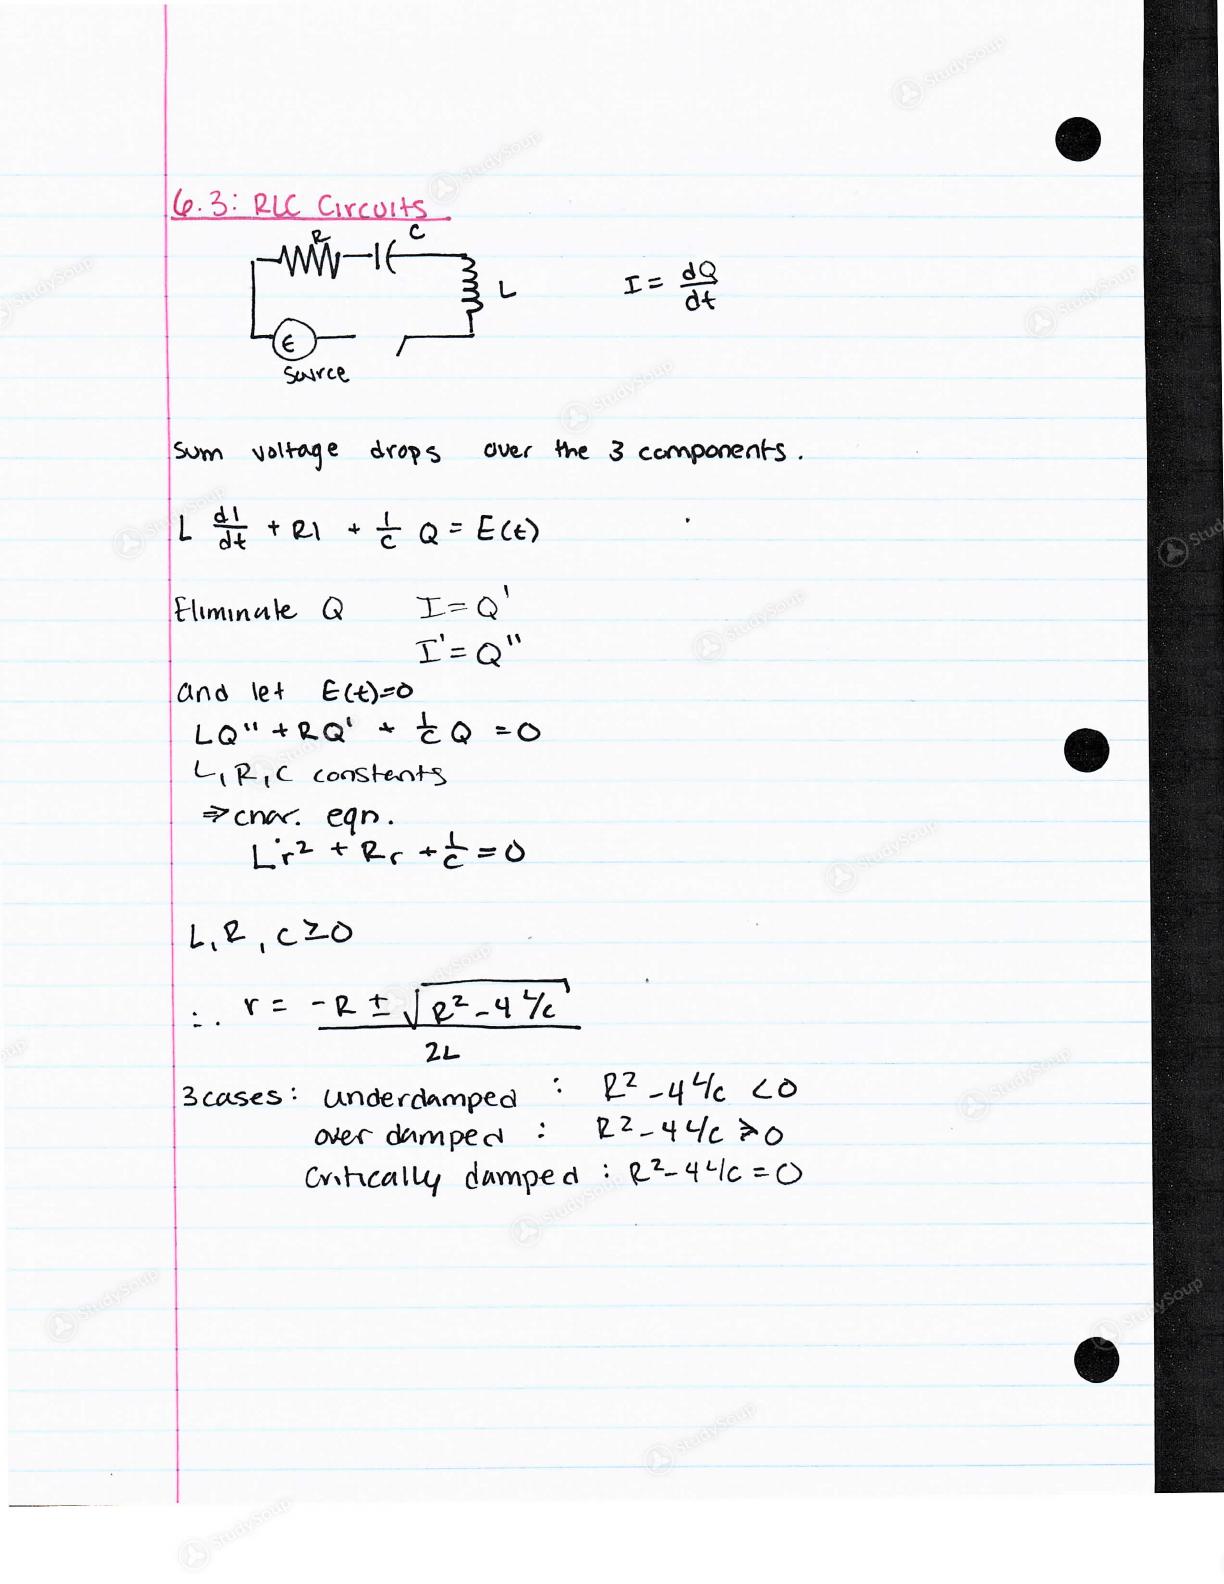 WSU Vancouver - Mat 315 - Class Notes - Week 10 | StudySoup